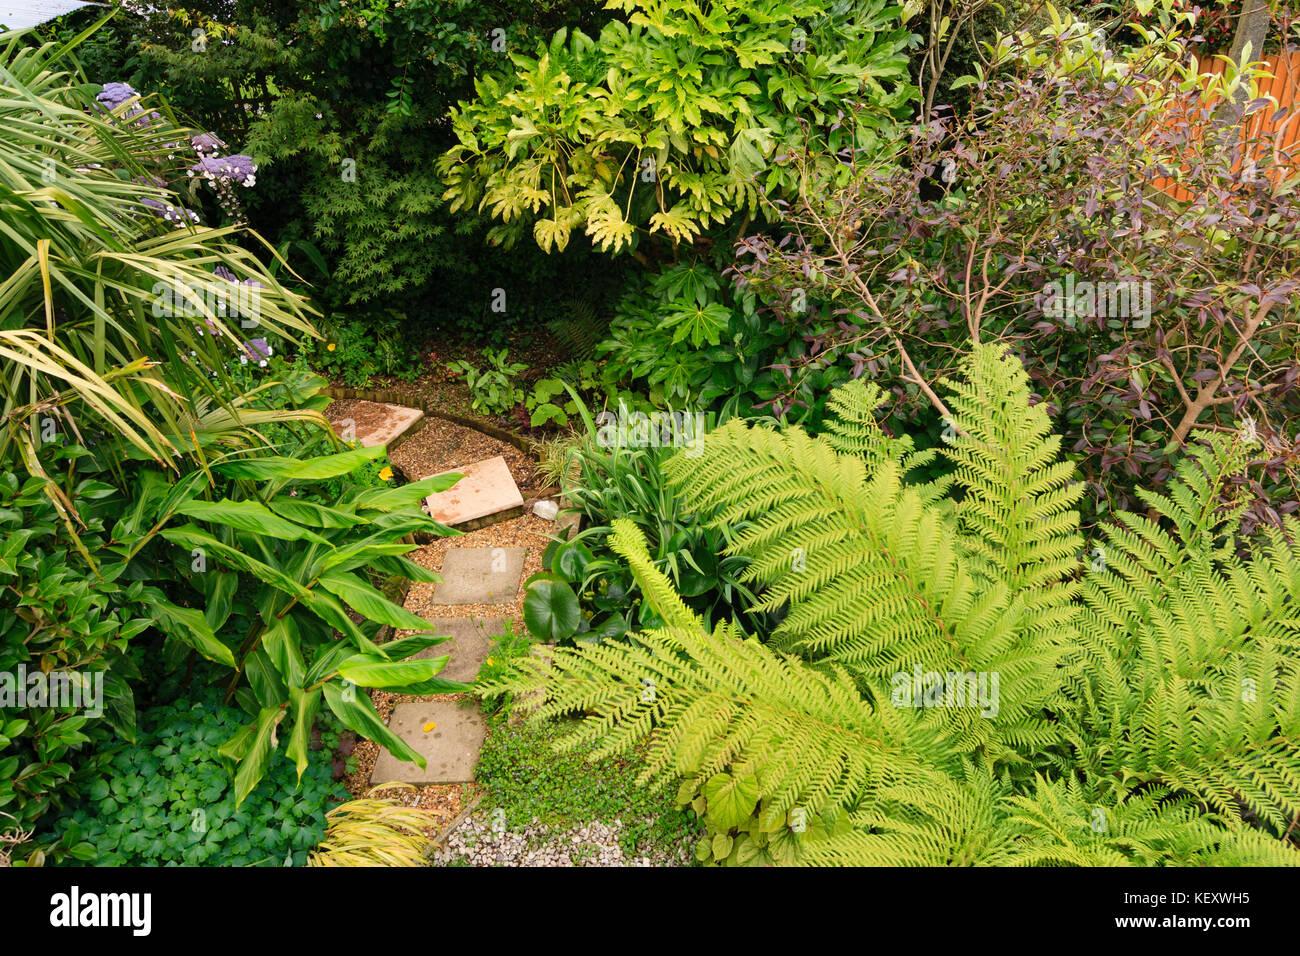 Photo Petit Jardin Exotique vue aérienne de frais généraux d'un petit jardin exotique de